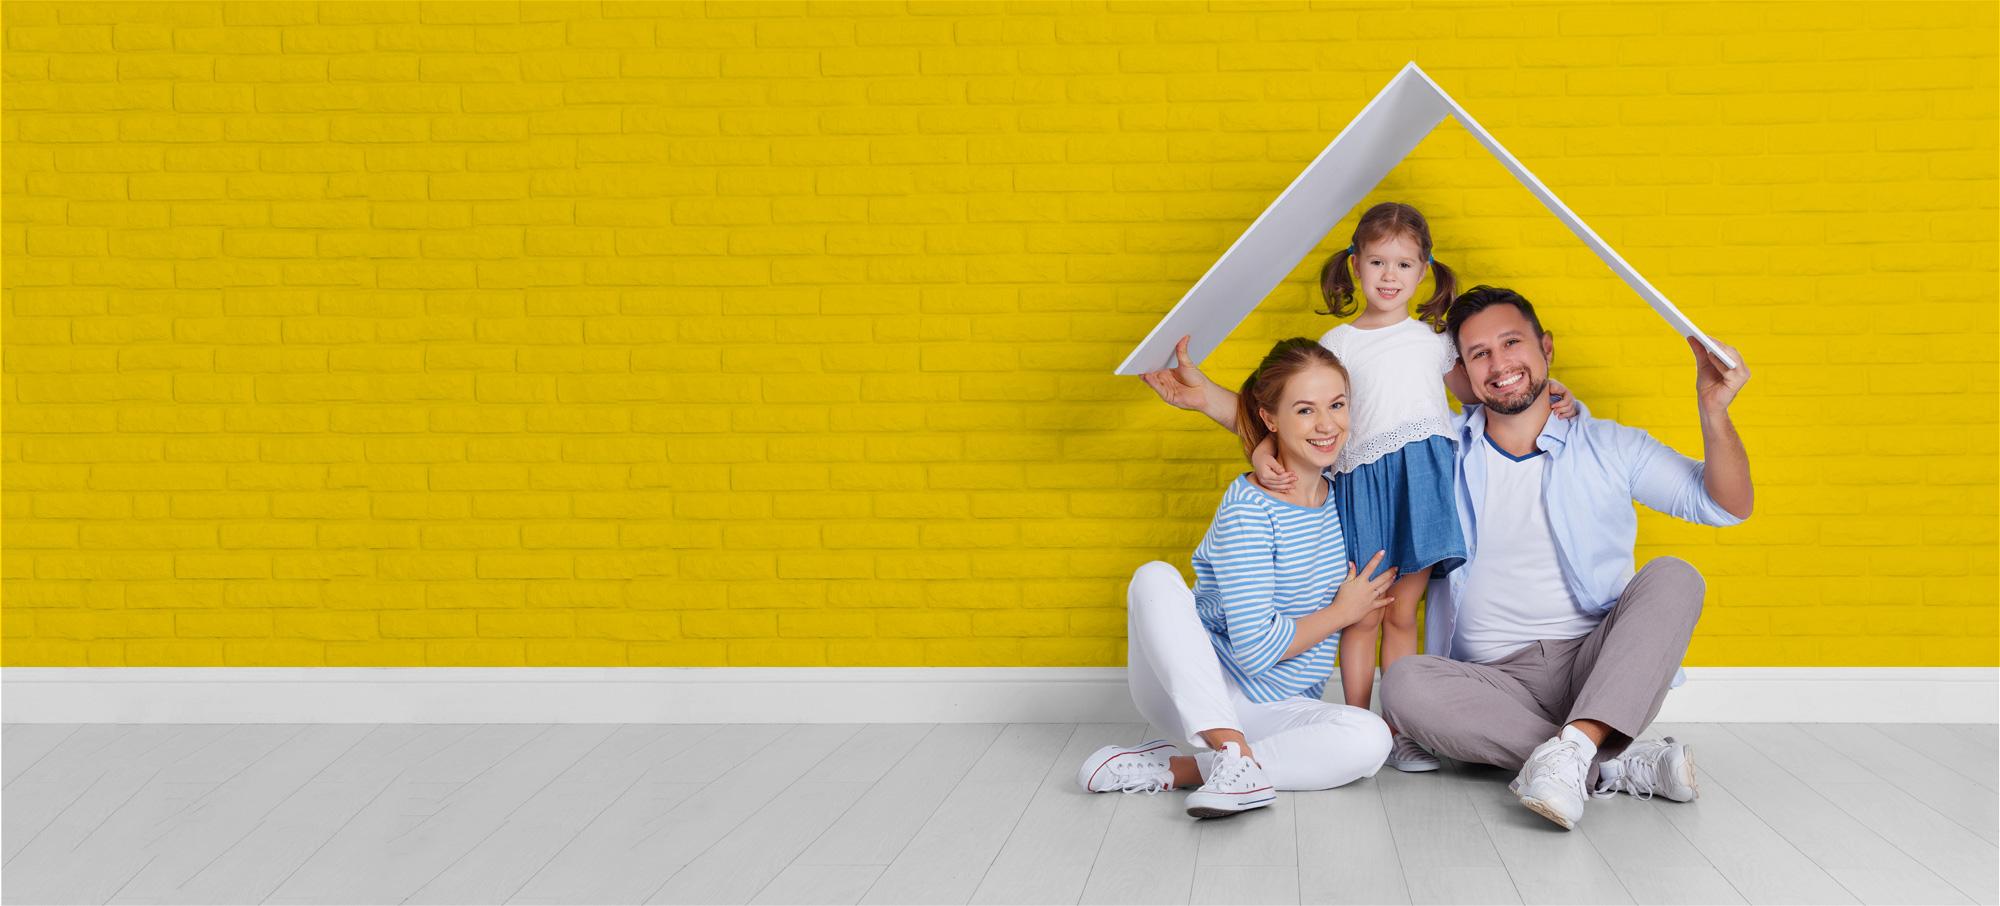 Quelle est la différence entre Roof Insurance et l'assurance Habitation?